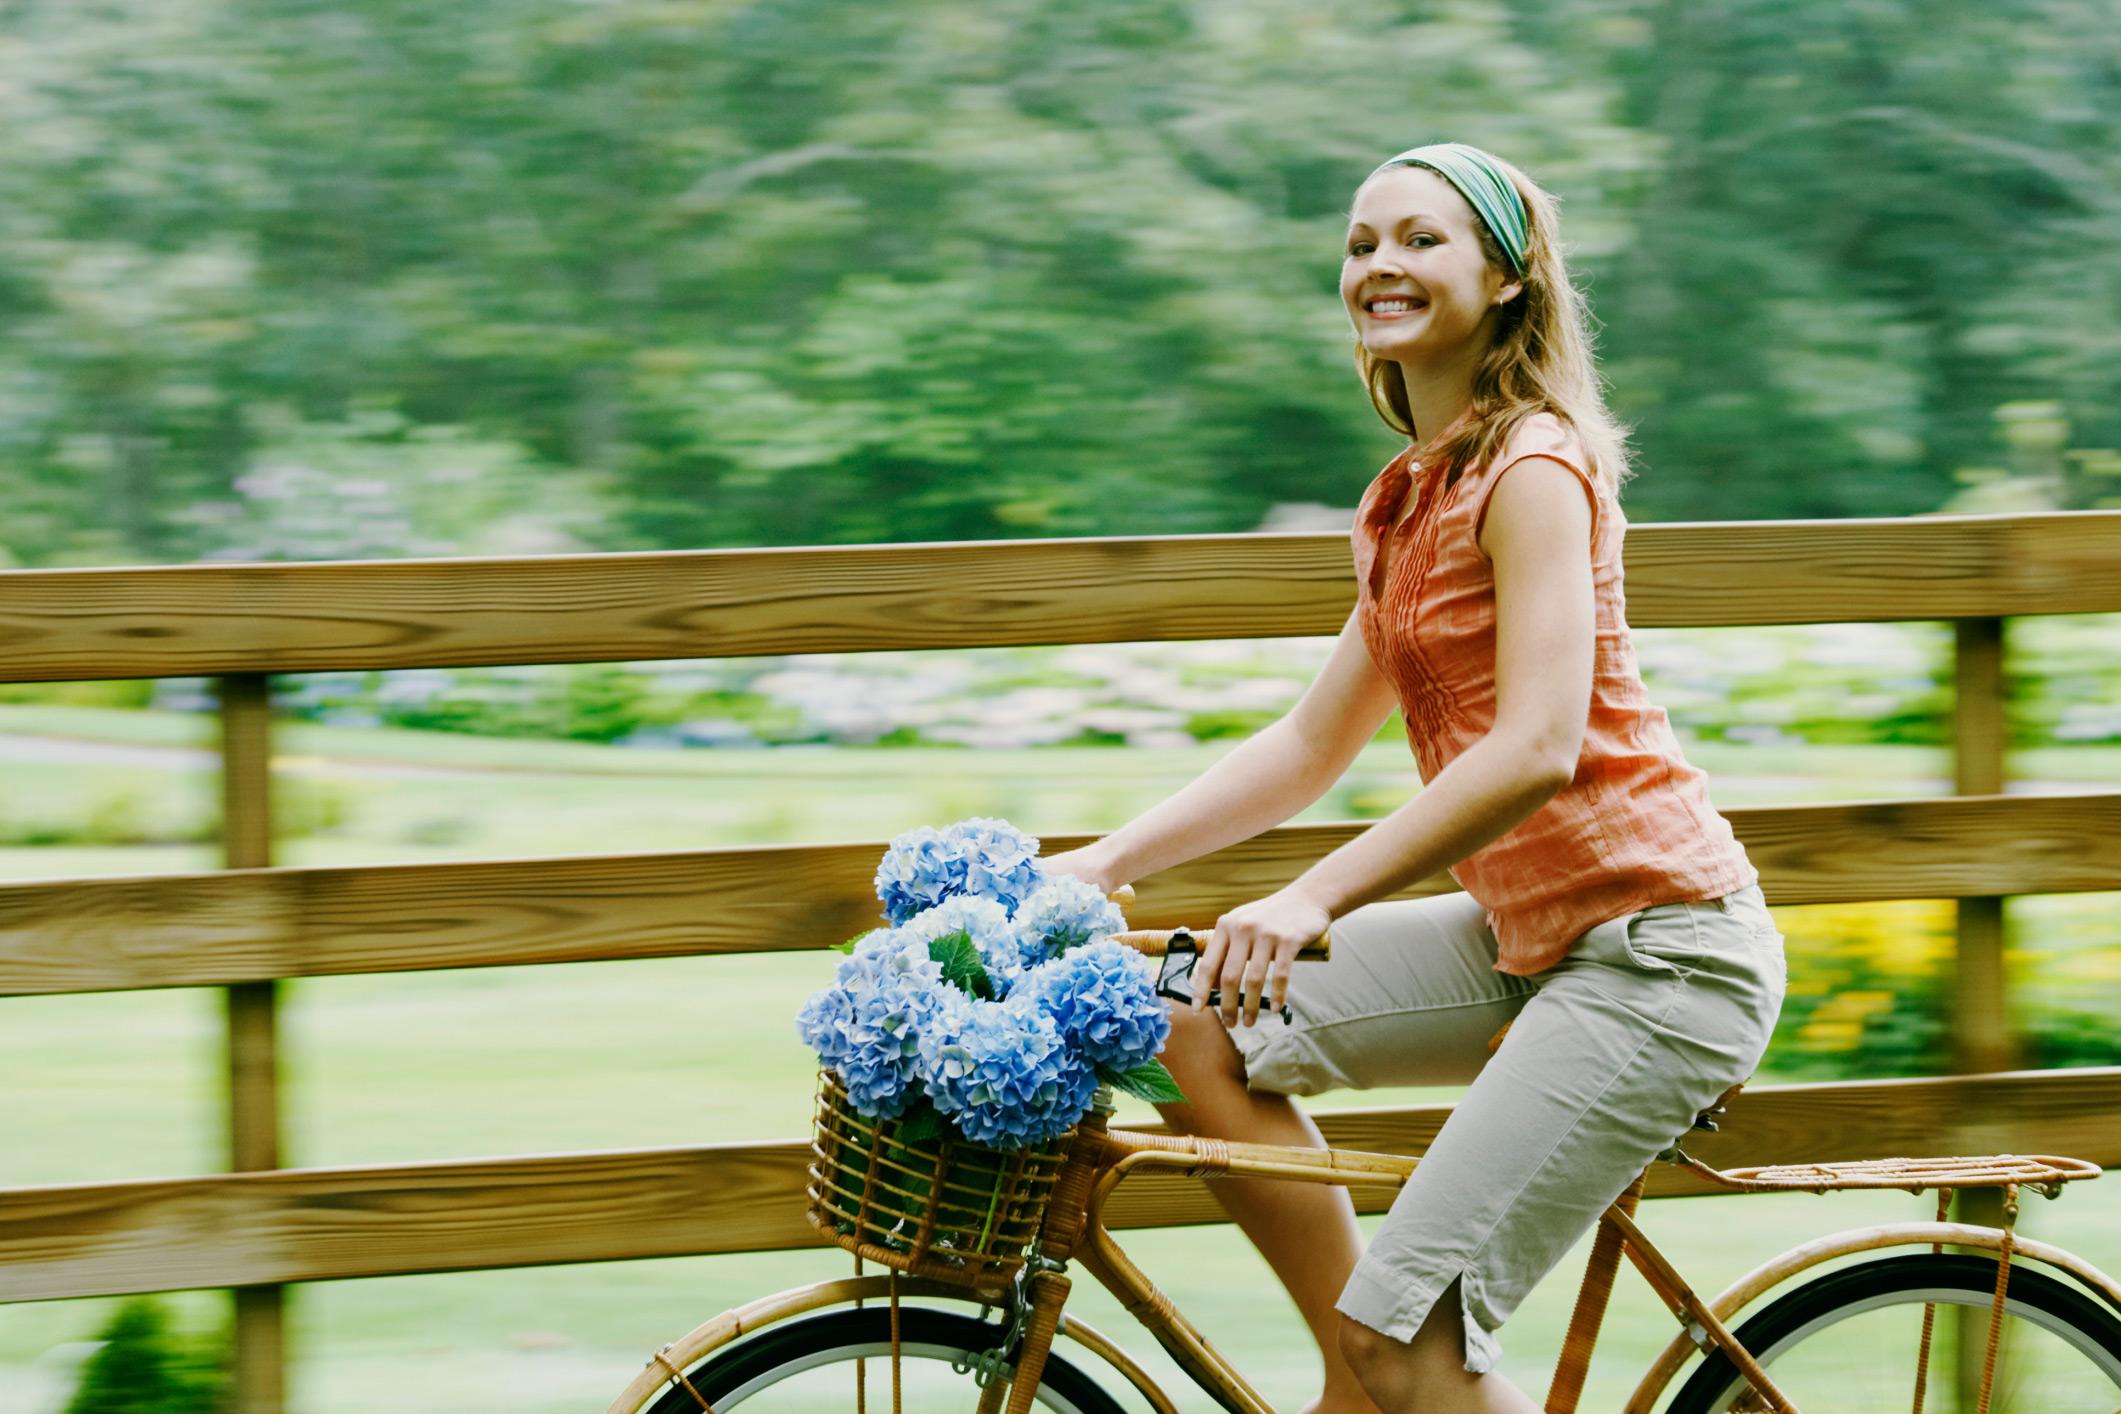 Como-escolher-o-melhor-modelo-de-bicicleta-1